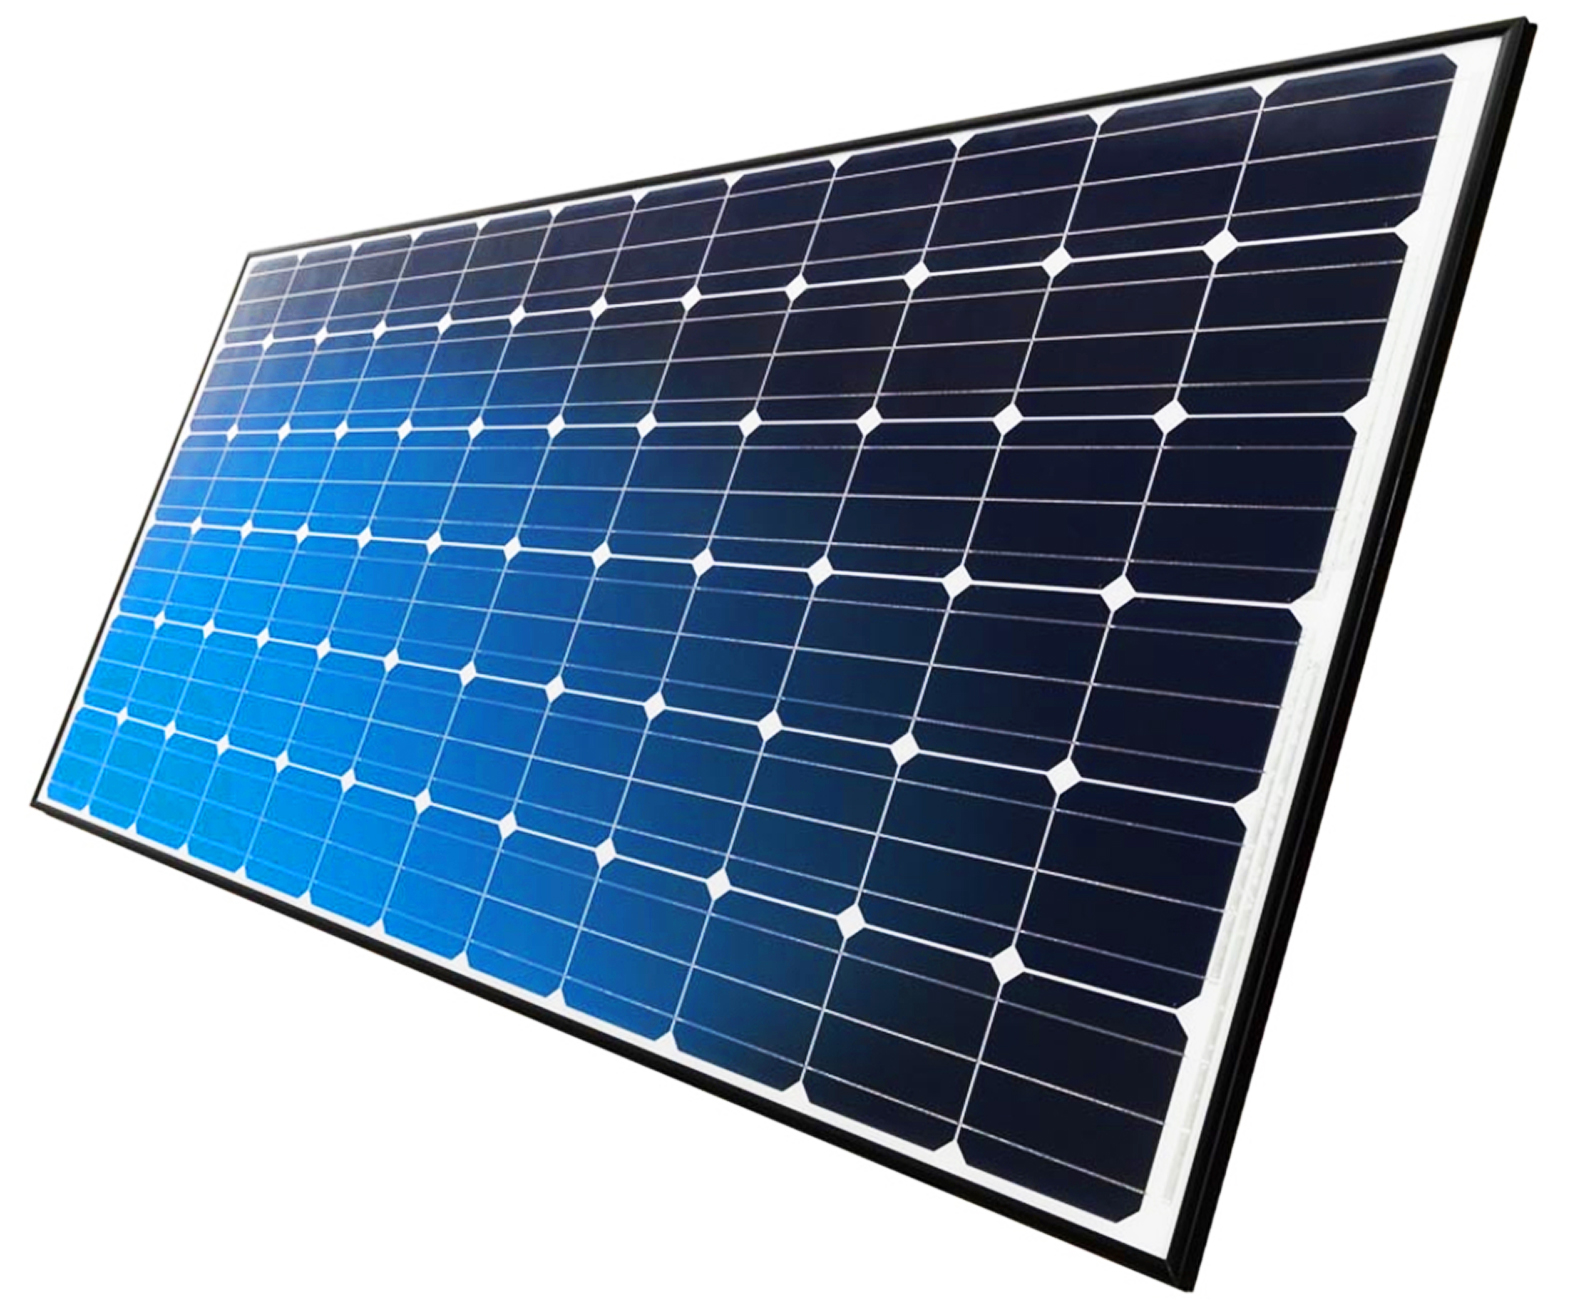 ihr komplettpaket photovoltaikanlage mit speicher 6kwp photovoltaik. Black Bedroom Furniture Sets. Home Design Ideas